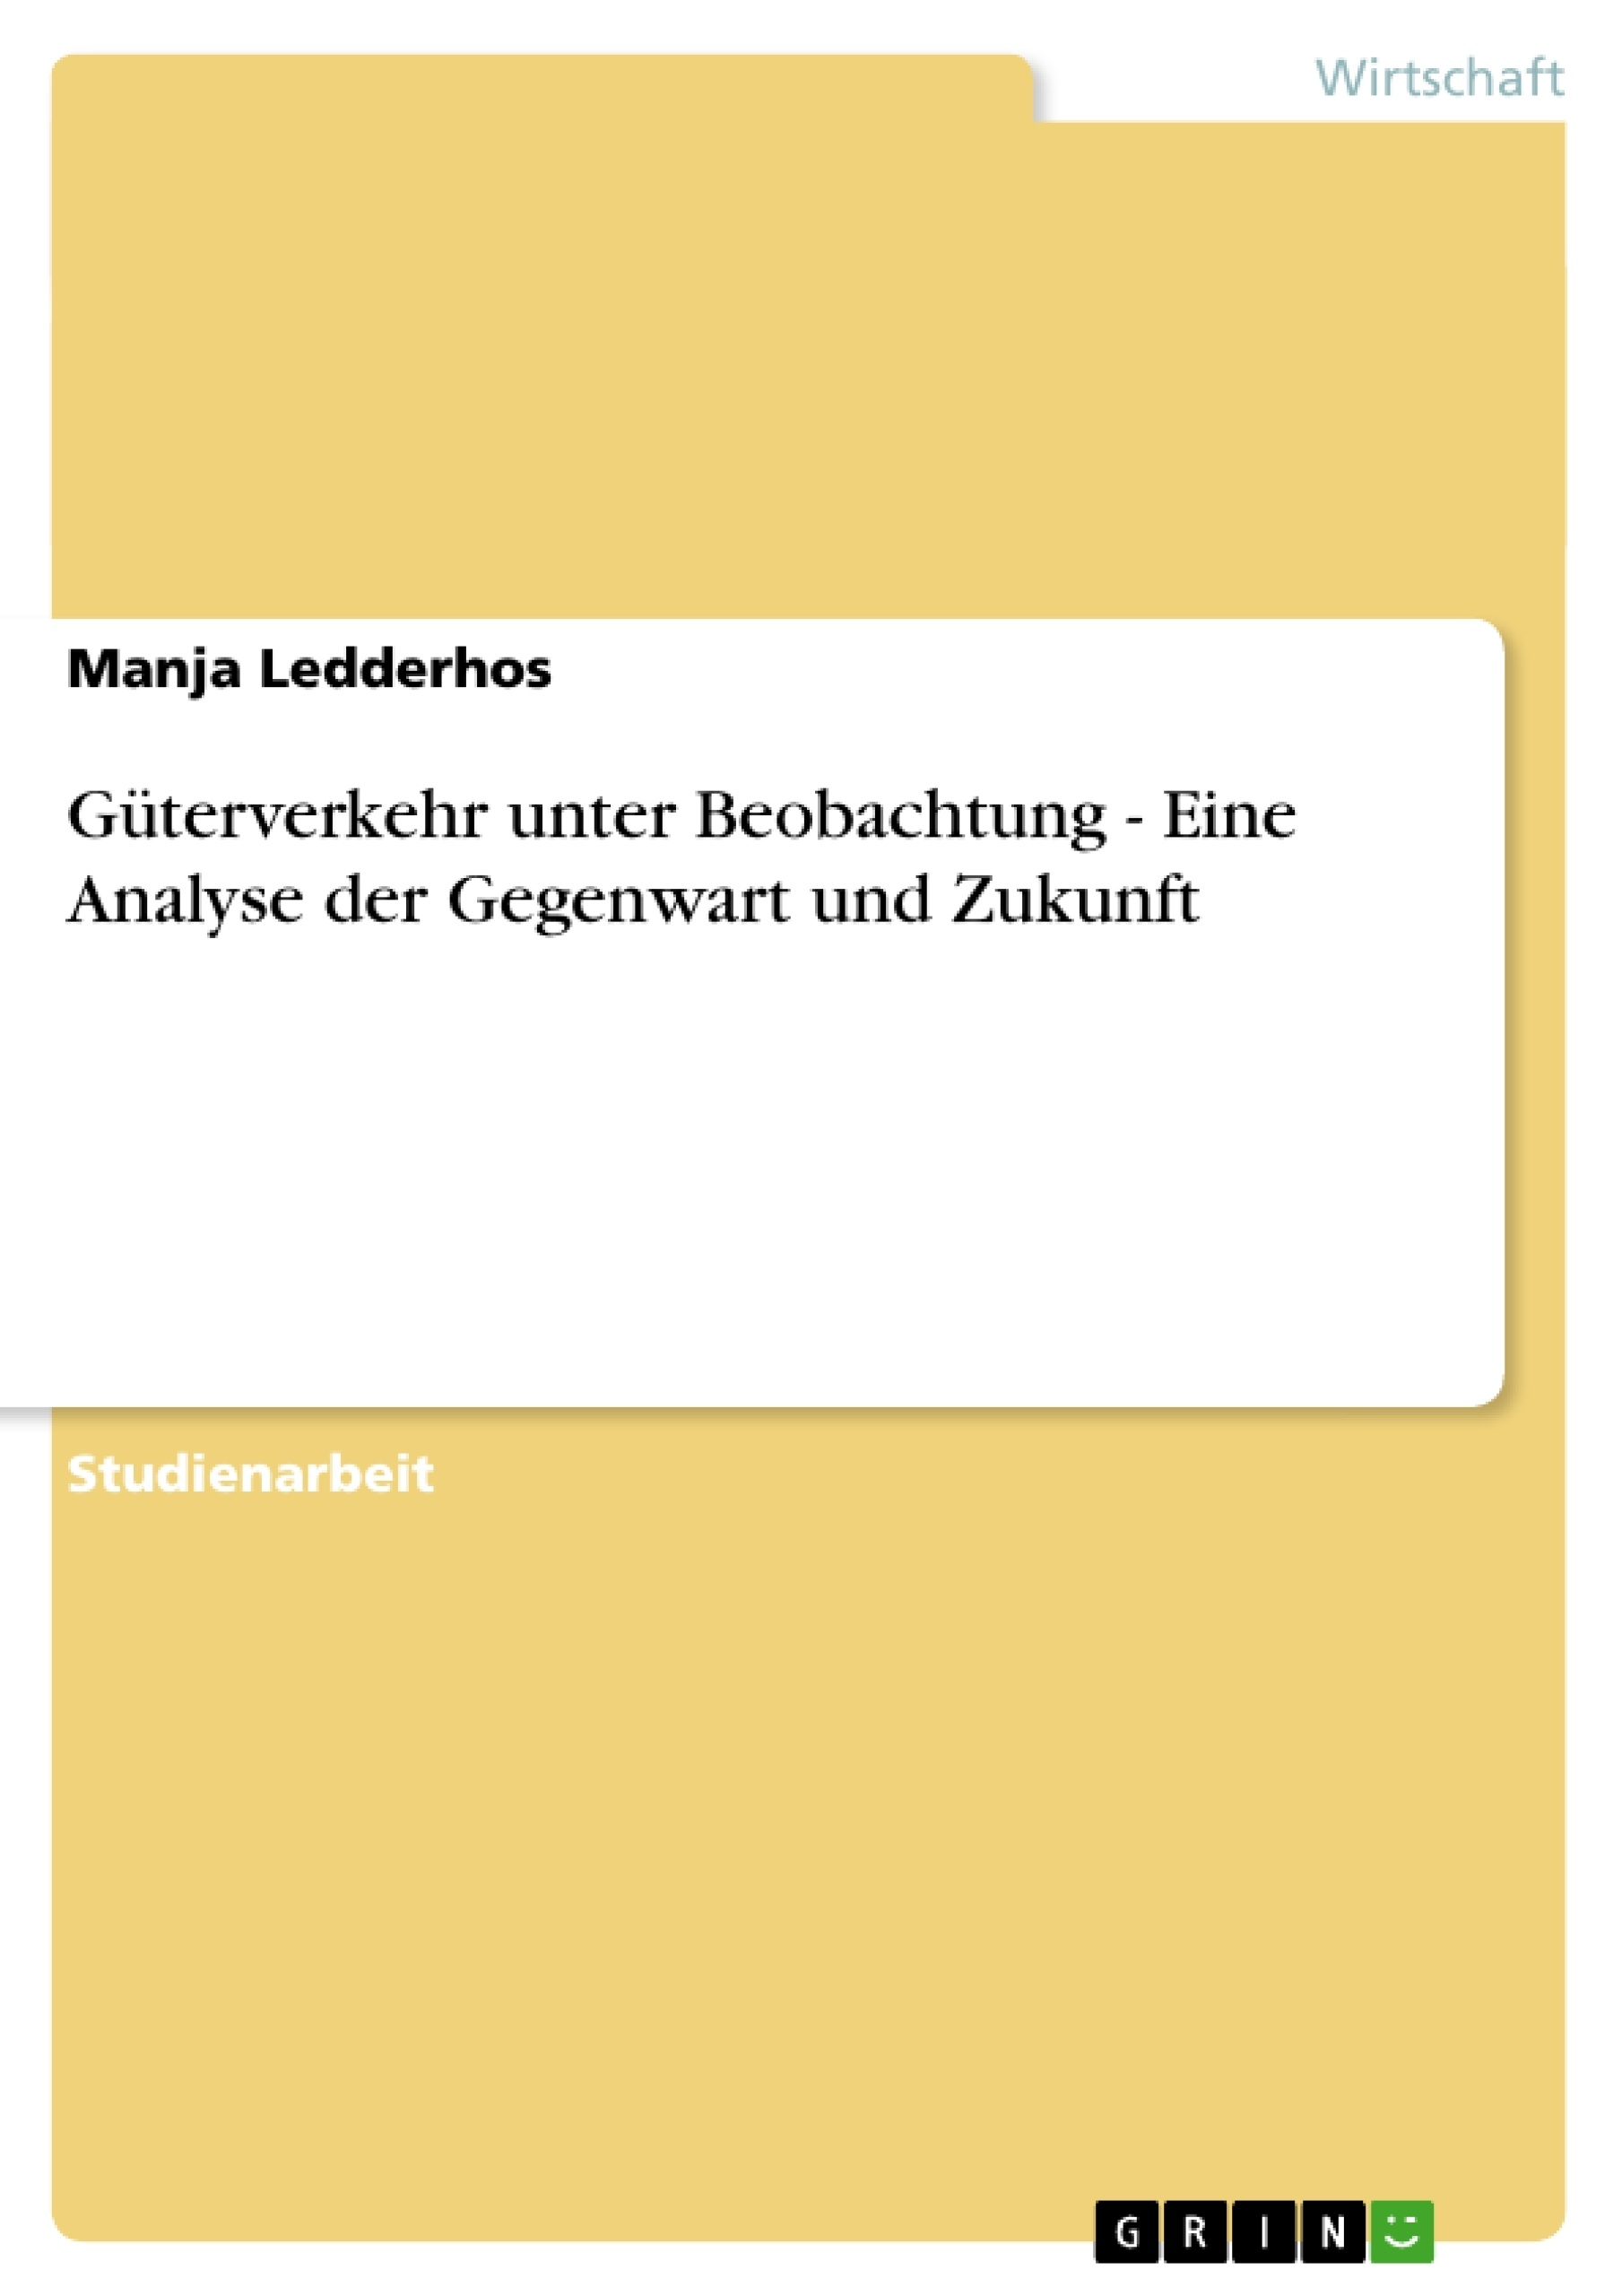 Titel: Güterverkehr unter Beobachtung - Eine Analyse der Gegenwart und Zukunft